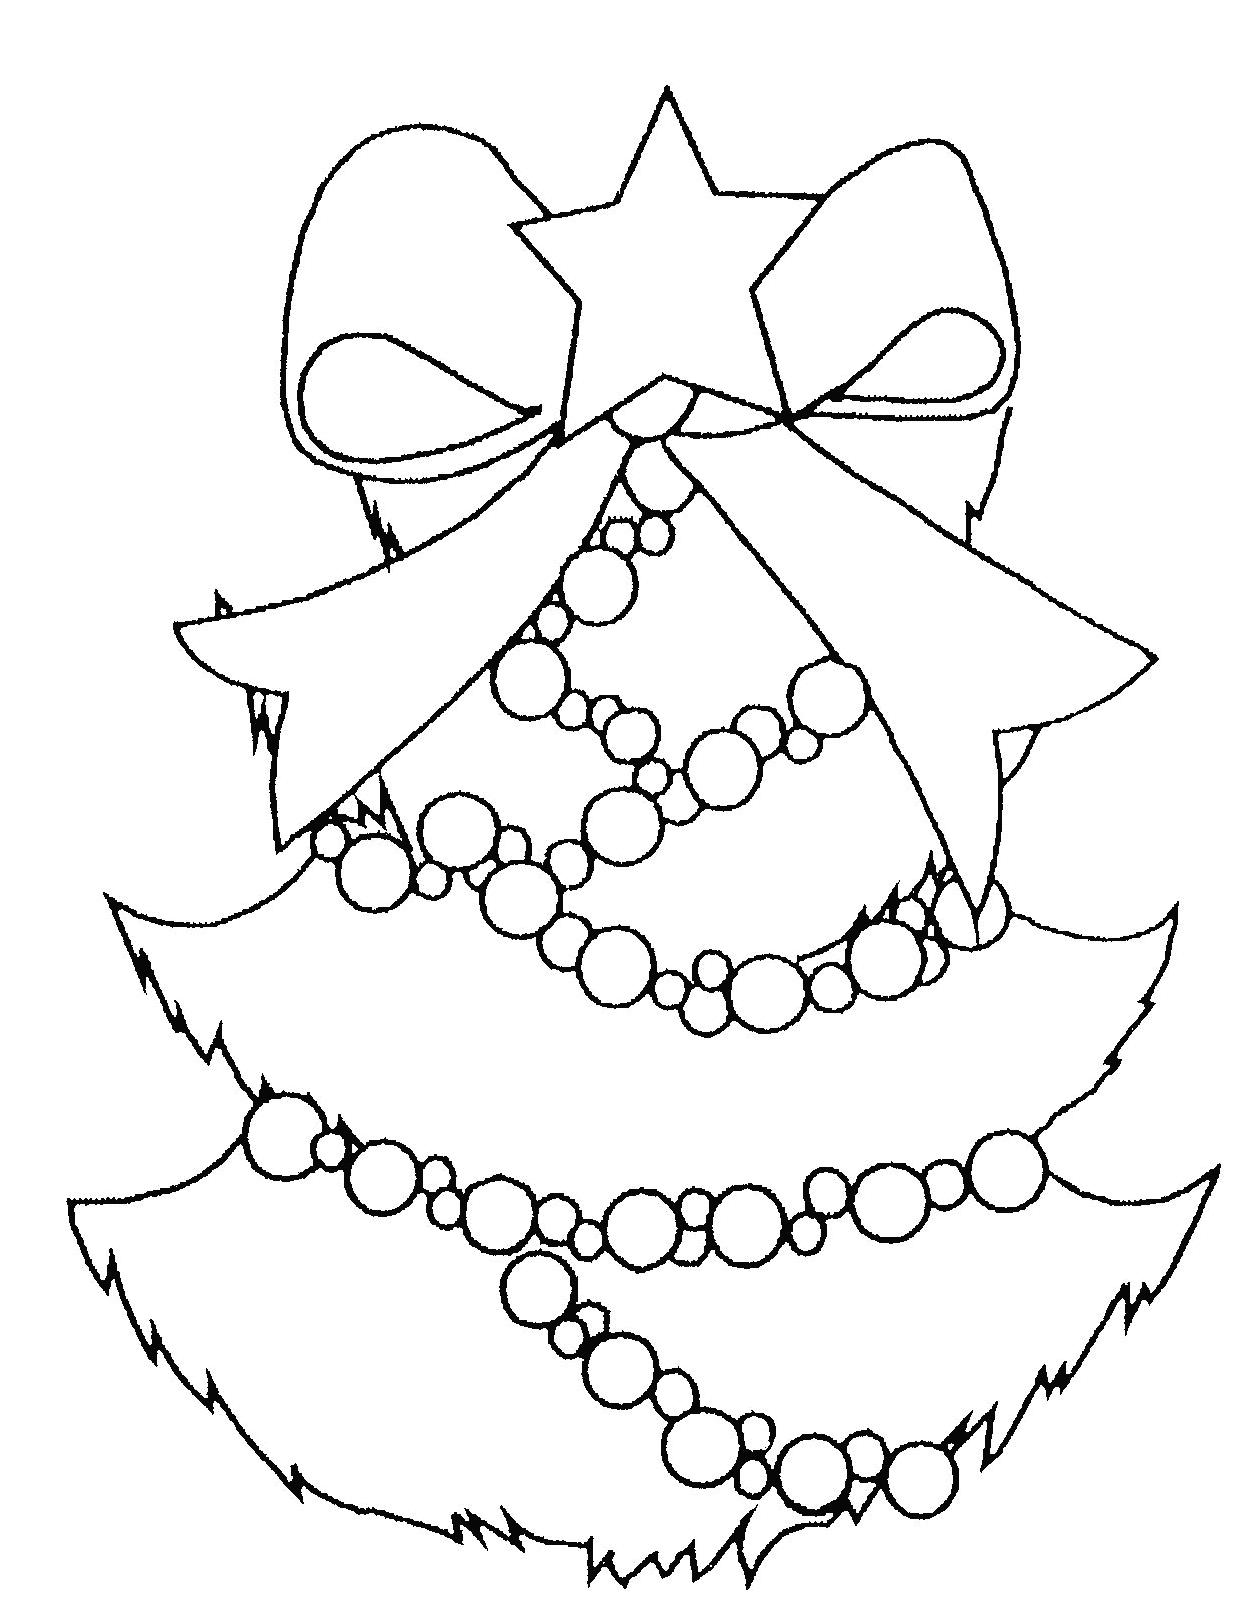 Sapin De Noël #27 (Objets) – Coloriages À Imprimer à Coloriage De Sapin De Noel A Imprimer Gratuit